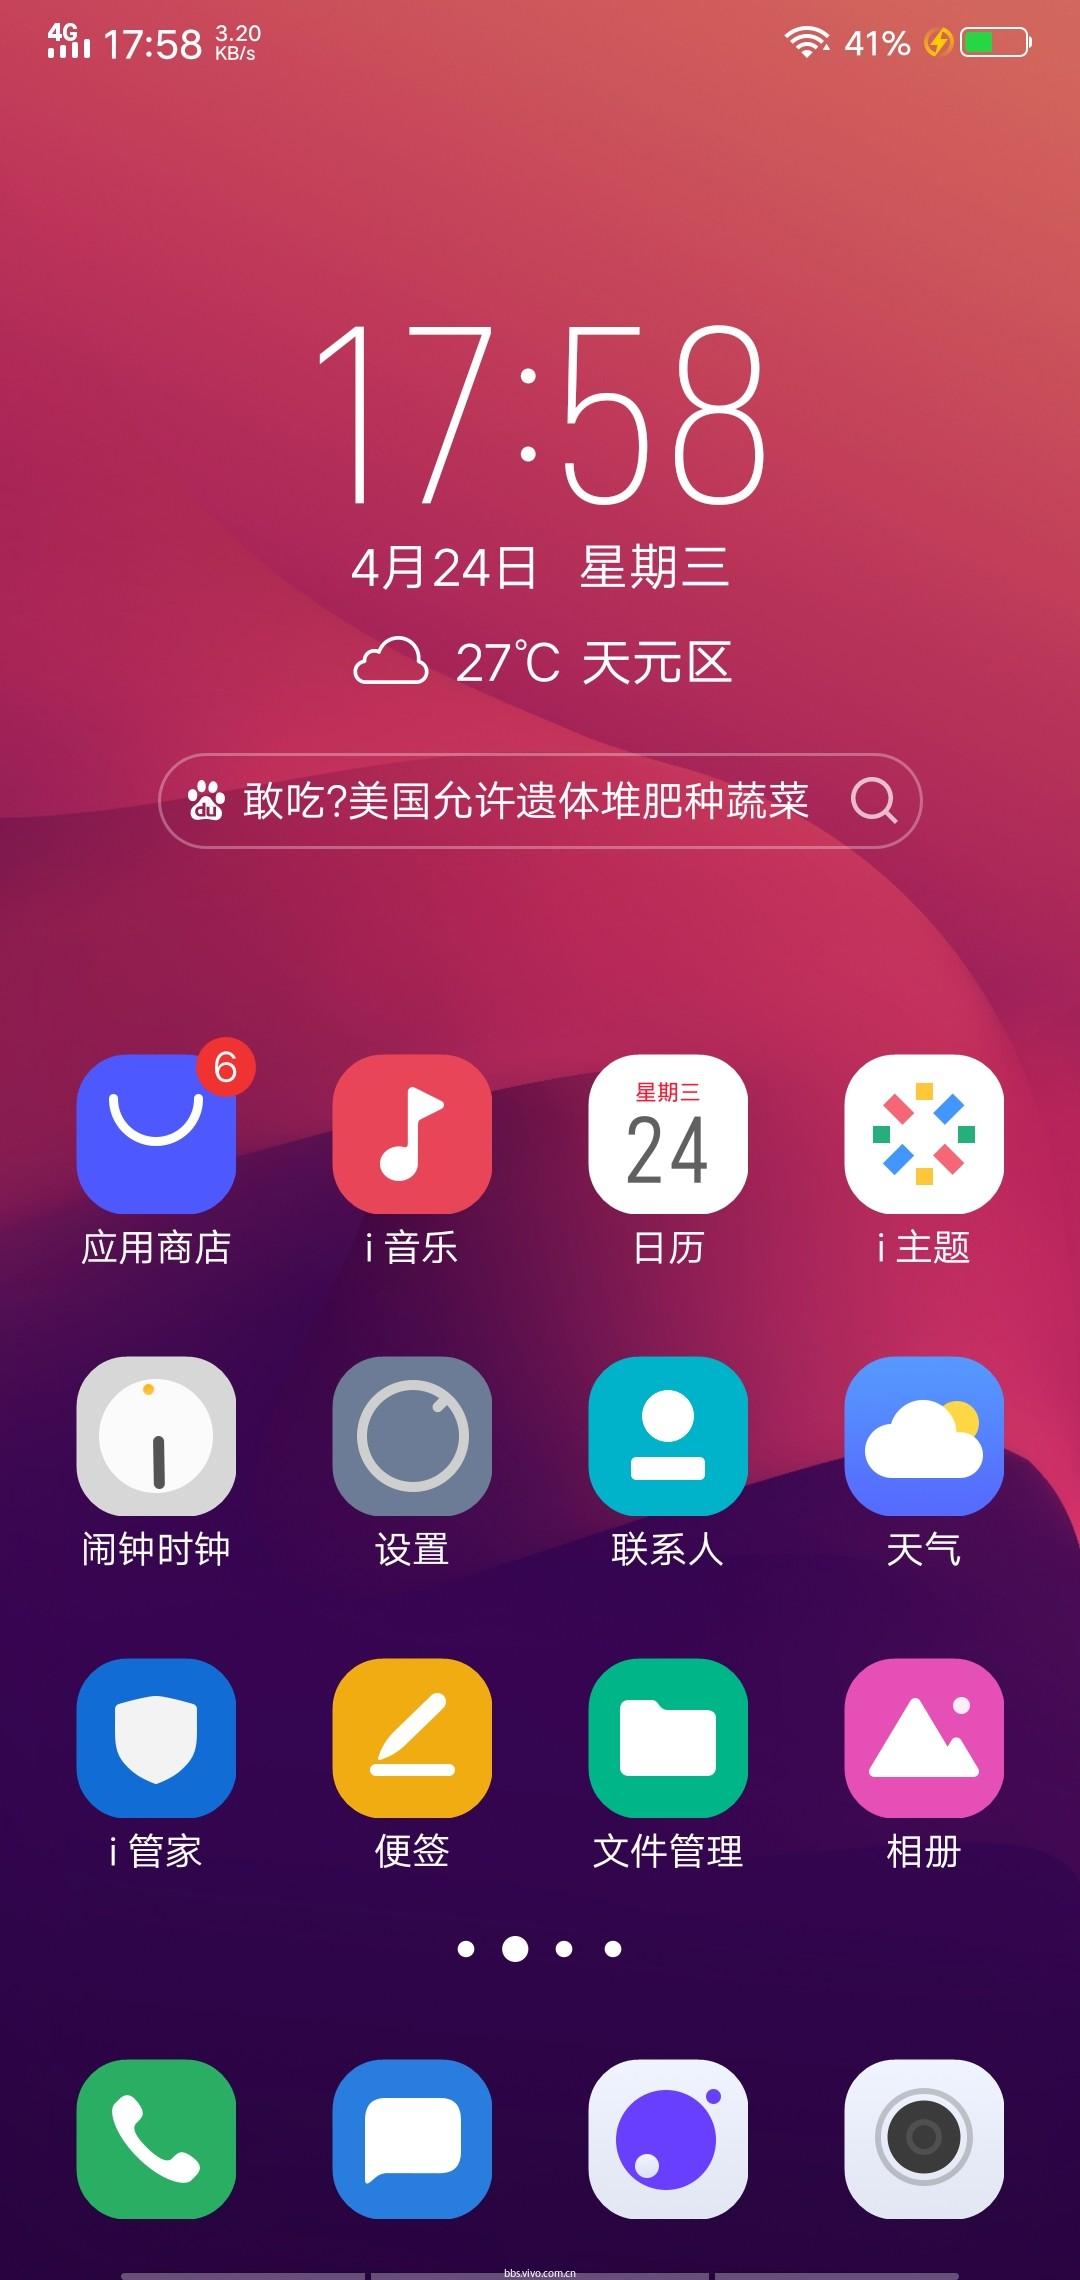 Screenshot_20190424_175826.jpg